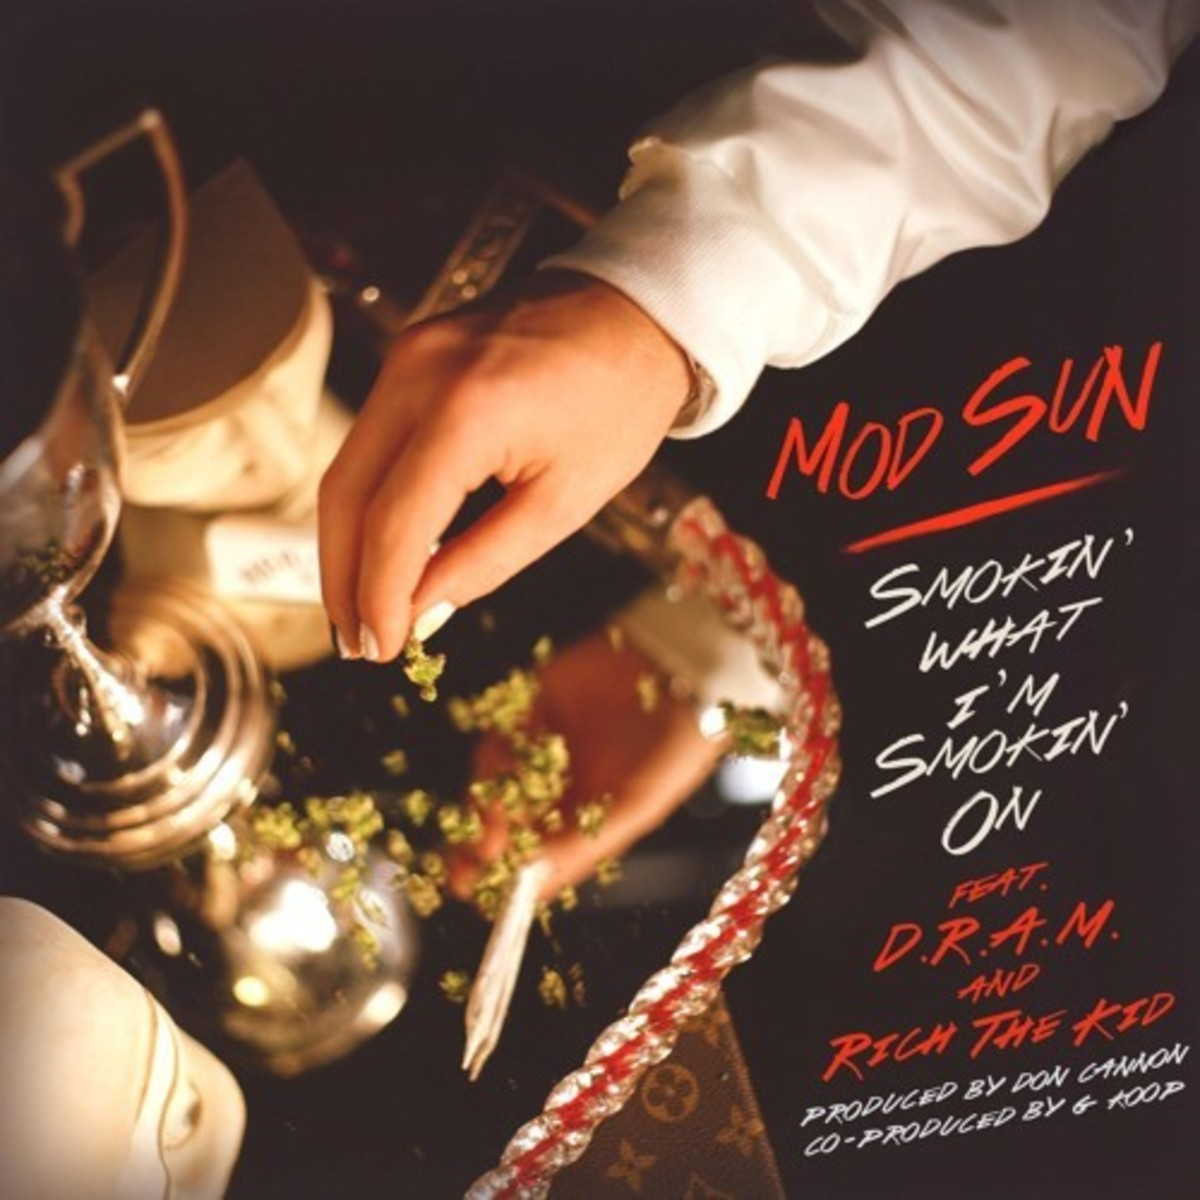 mod-sun-smokin-what-im-smokin-on.jpg